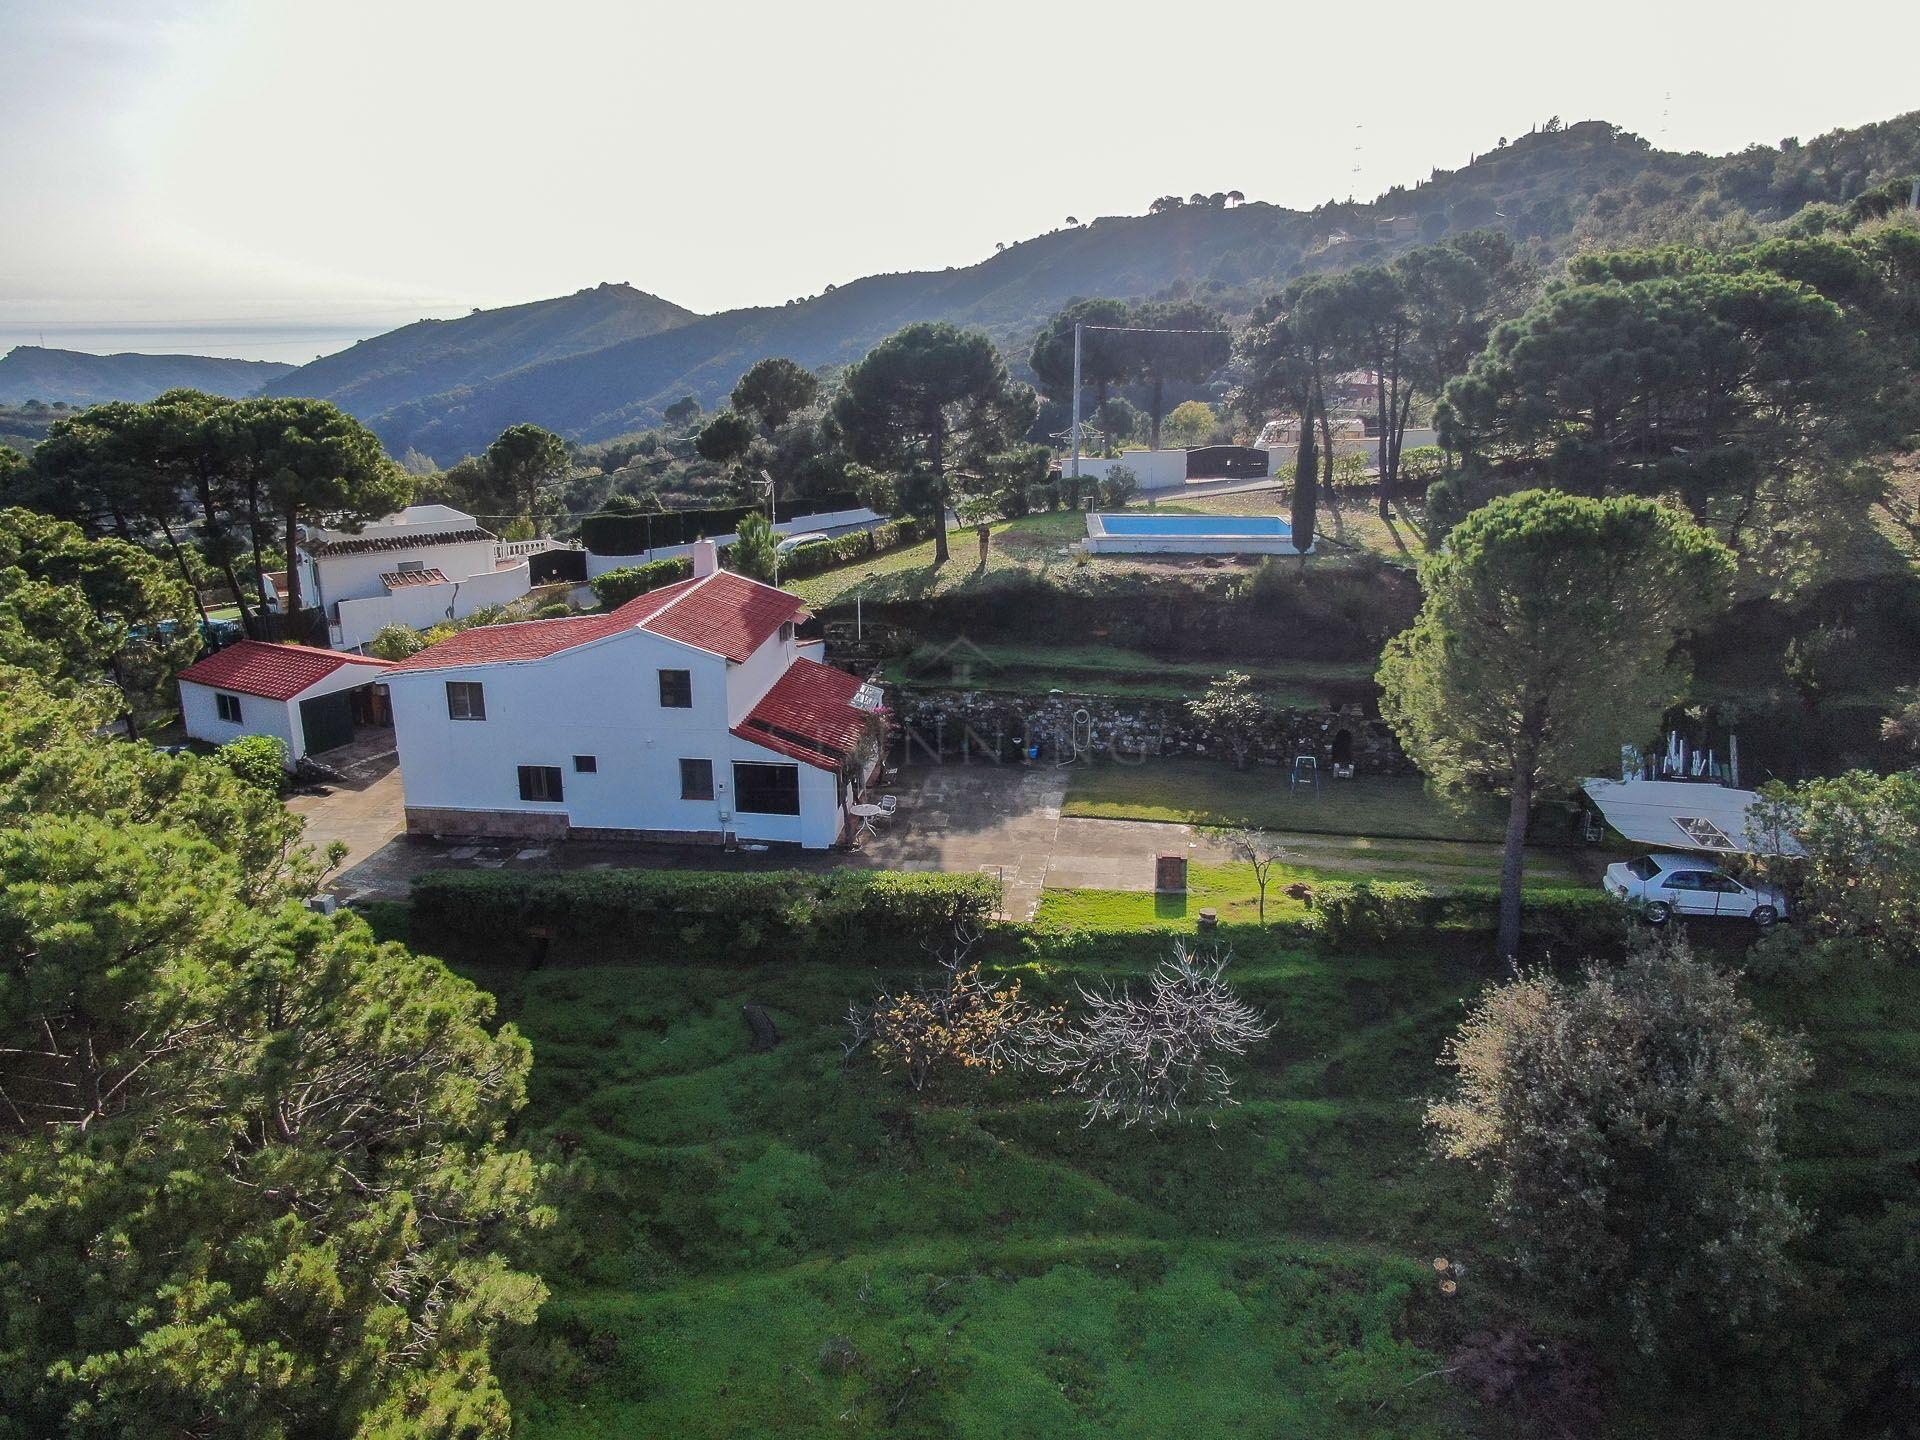 Finca in Los Reales - Sierra Estepona, Estepona